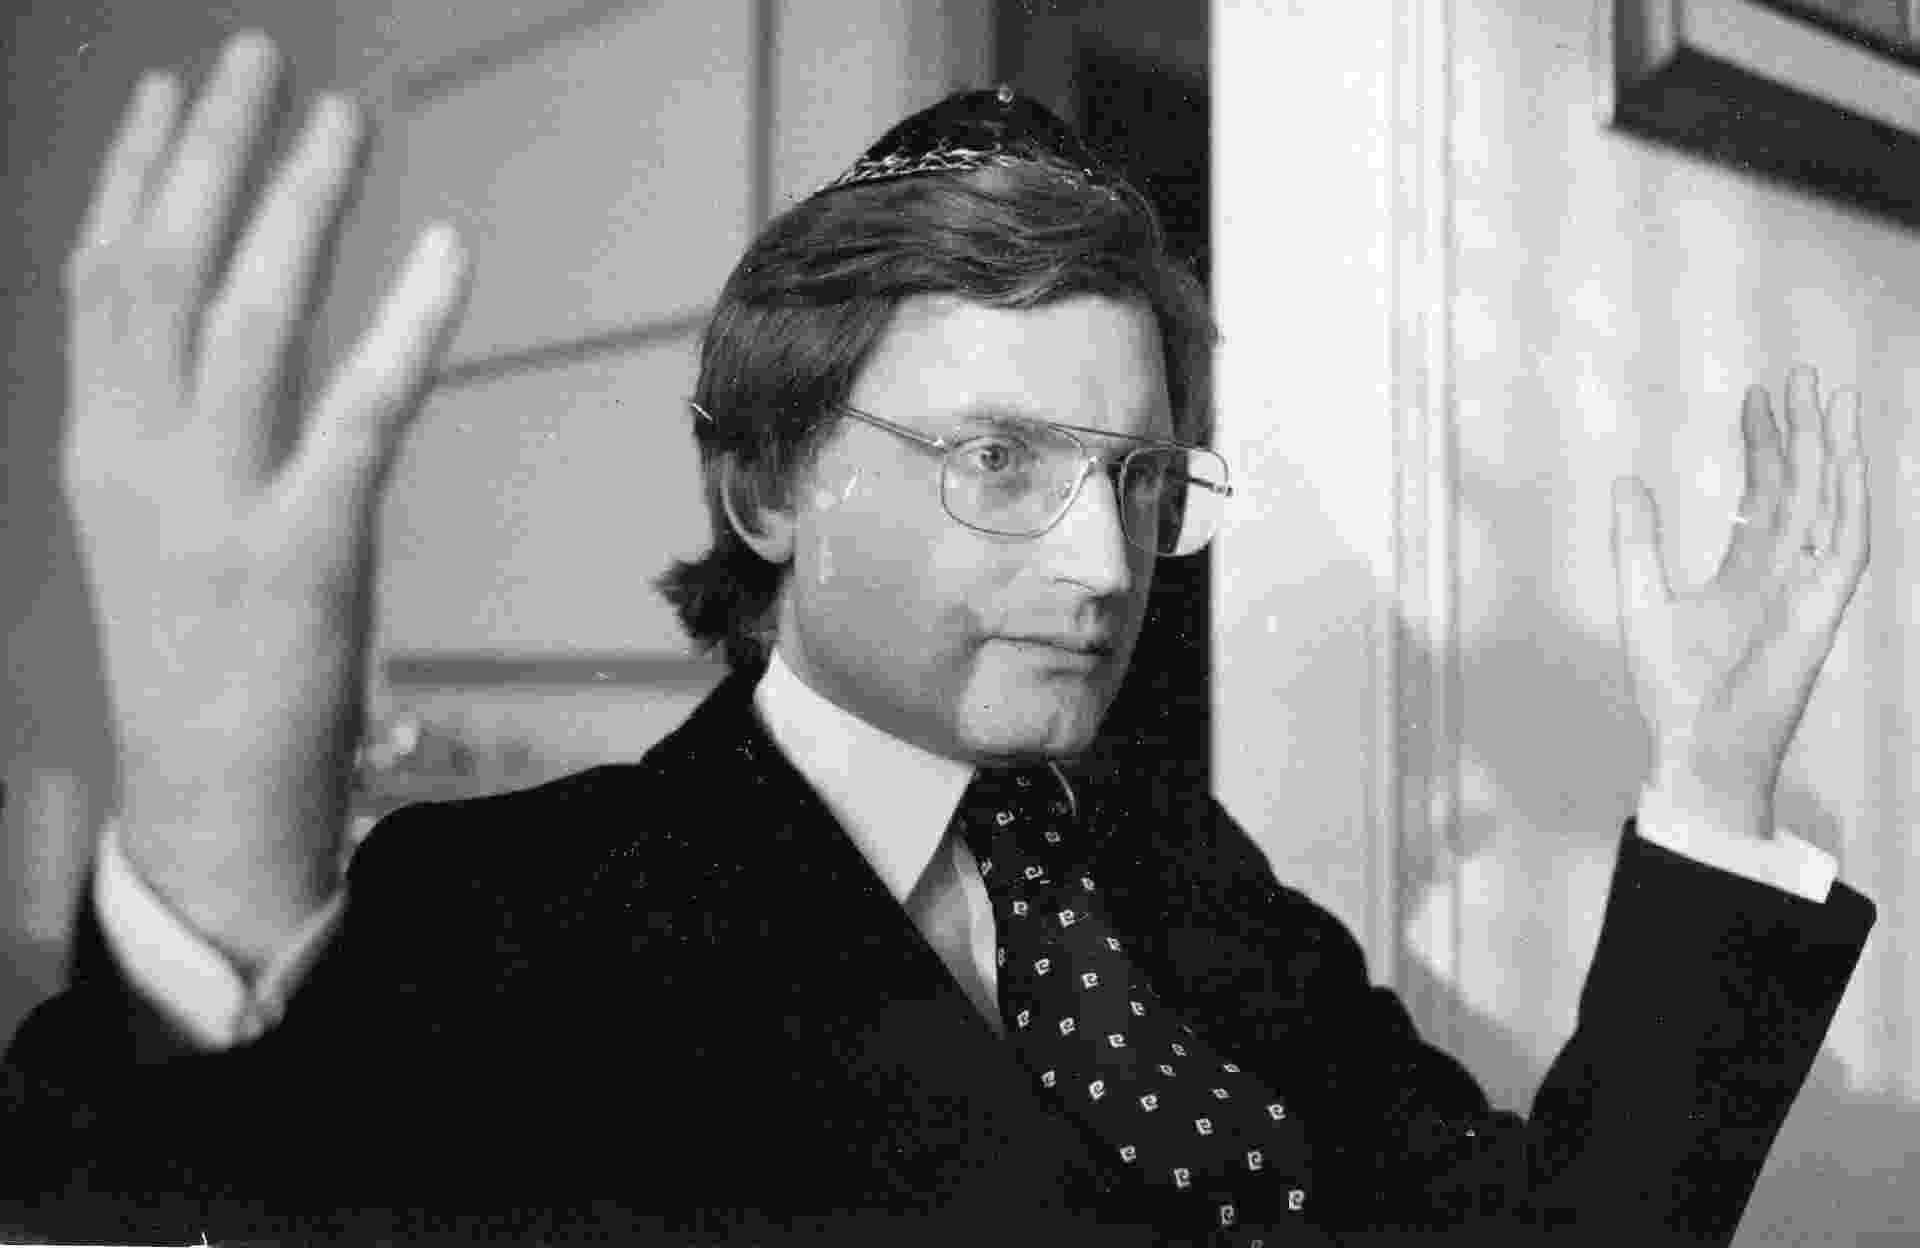 21.set.1979- Em nome do povo judeu, o rabino Henry Sobel afirmou que a mensagem religiosa do ano novo judeu inclui o desejo de paz no Oriente Médio e o fim das violações dos direitos humanos - Luiz Carlos Murauskas/Folhapress